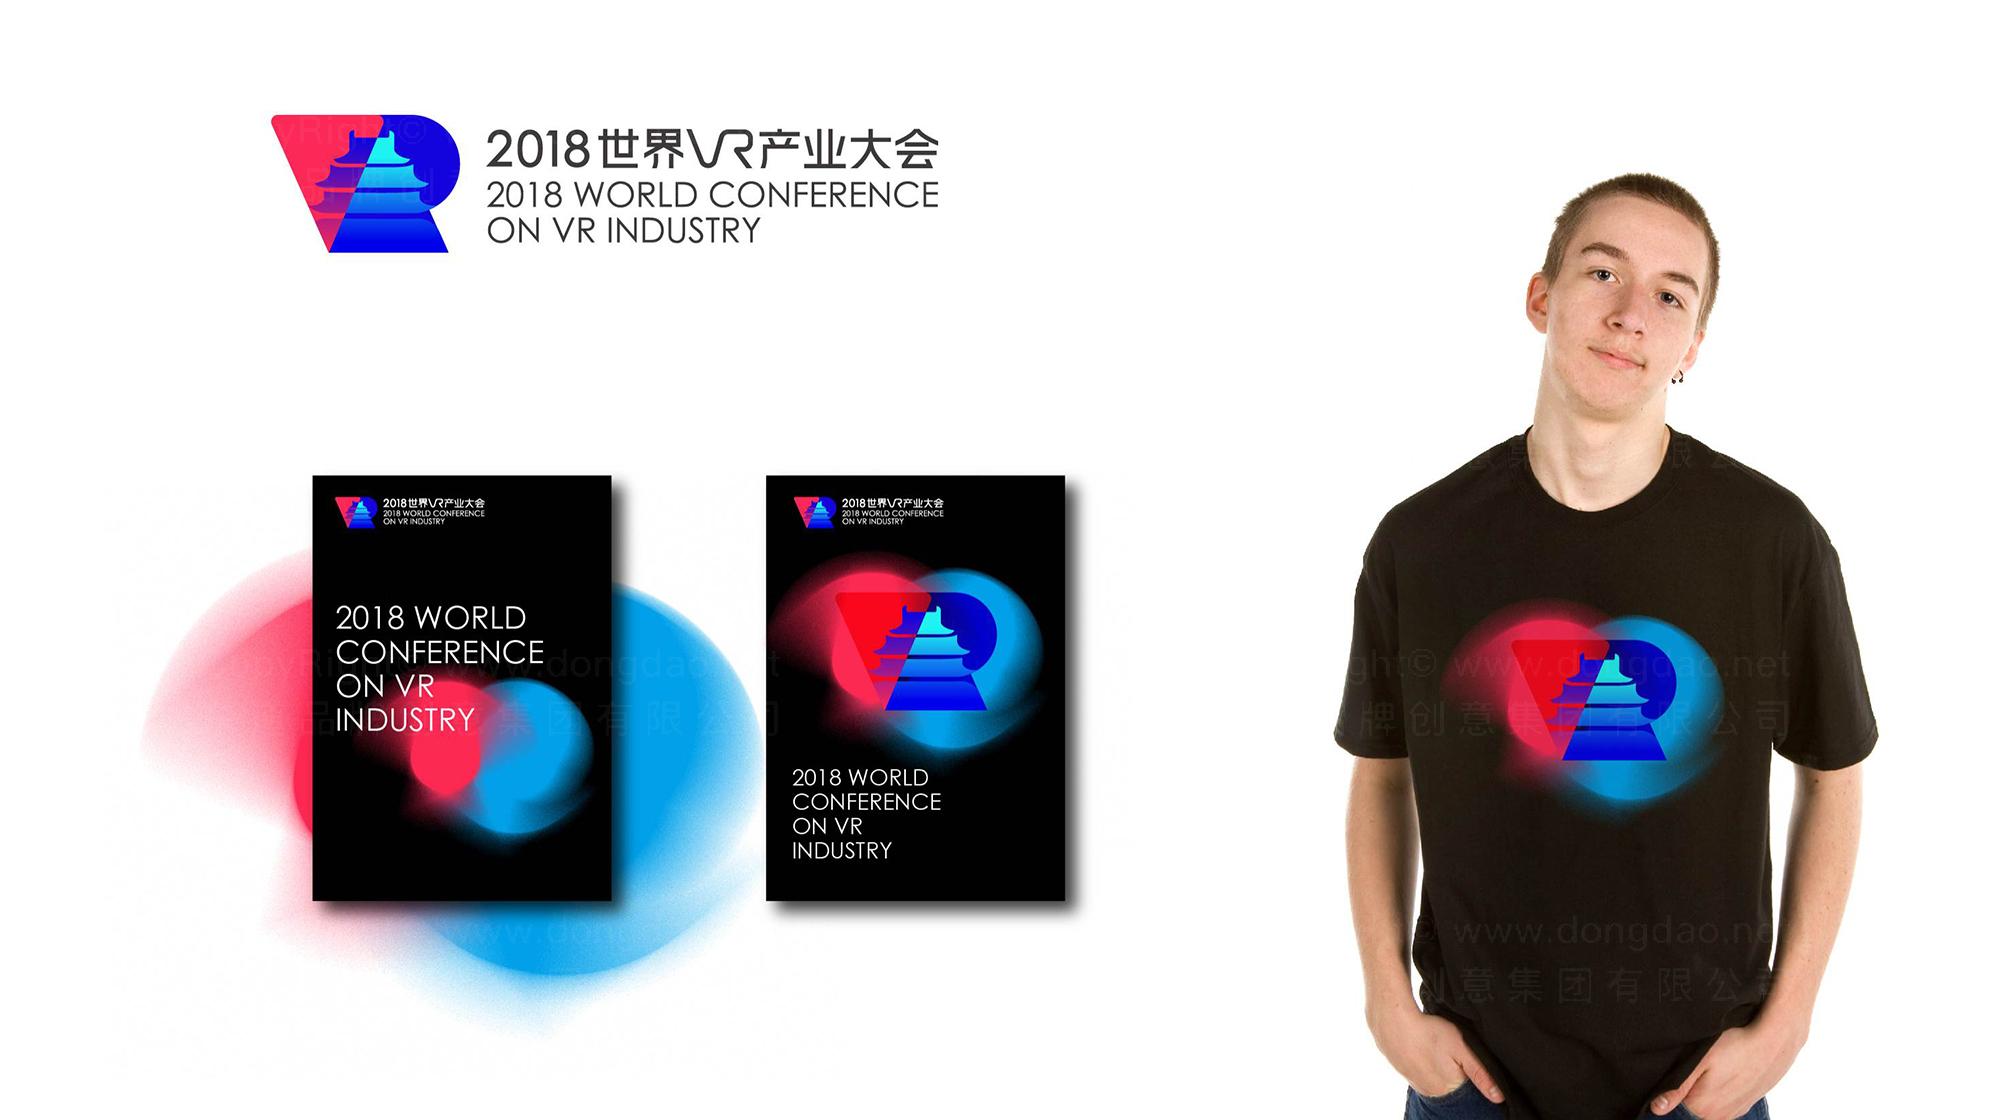 品牌设计世界VR大会LOGO&VI设计应用场景_11